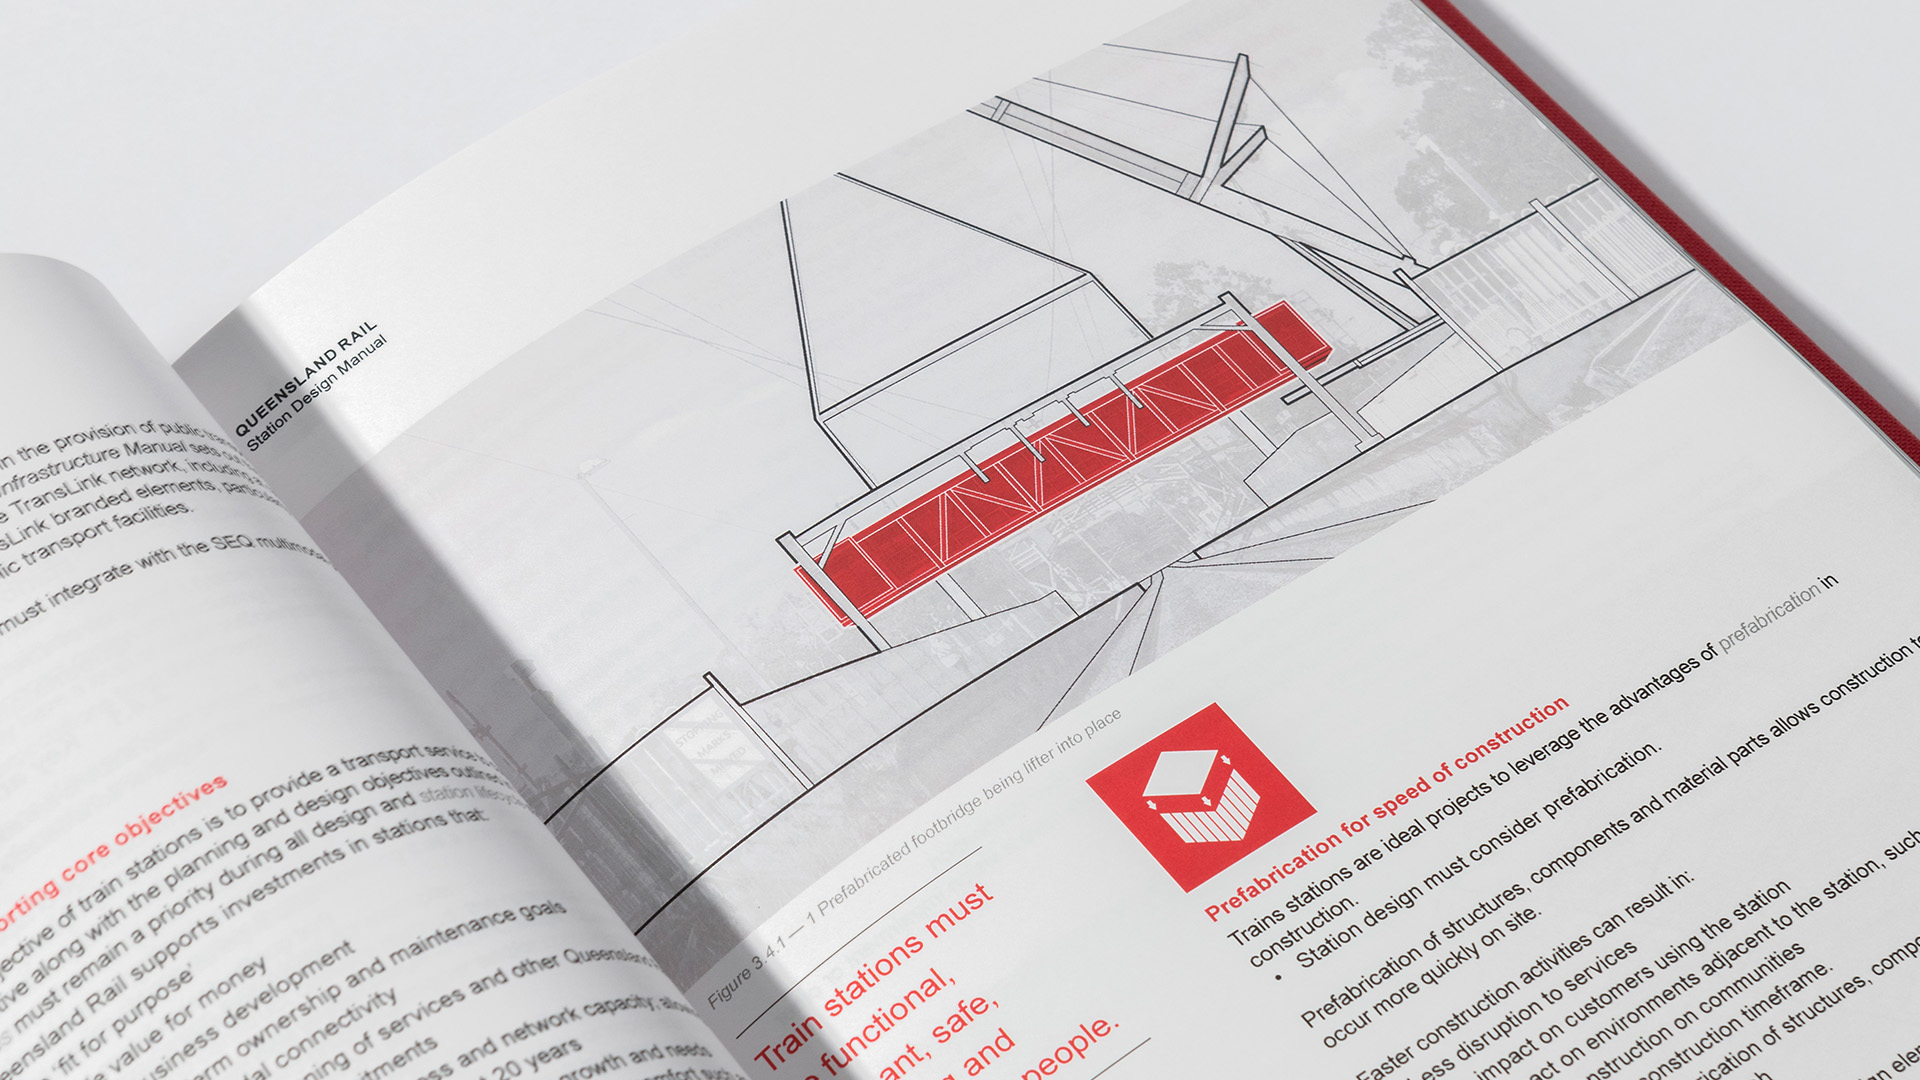 Queensland Rail Station Design Manual illustration